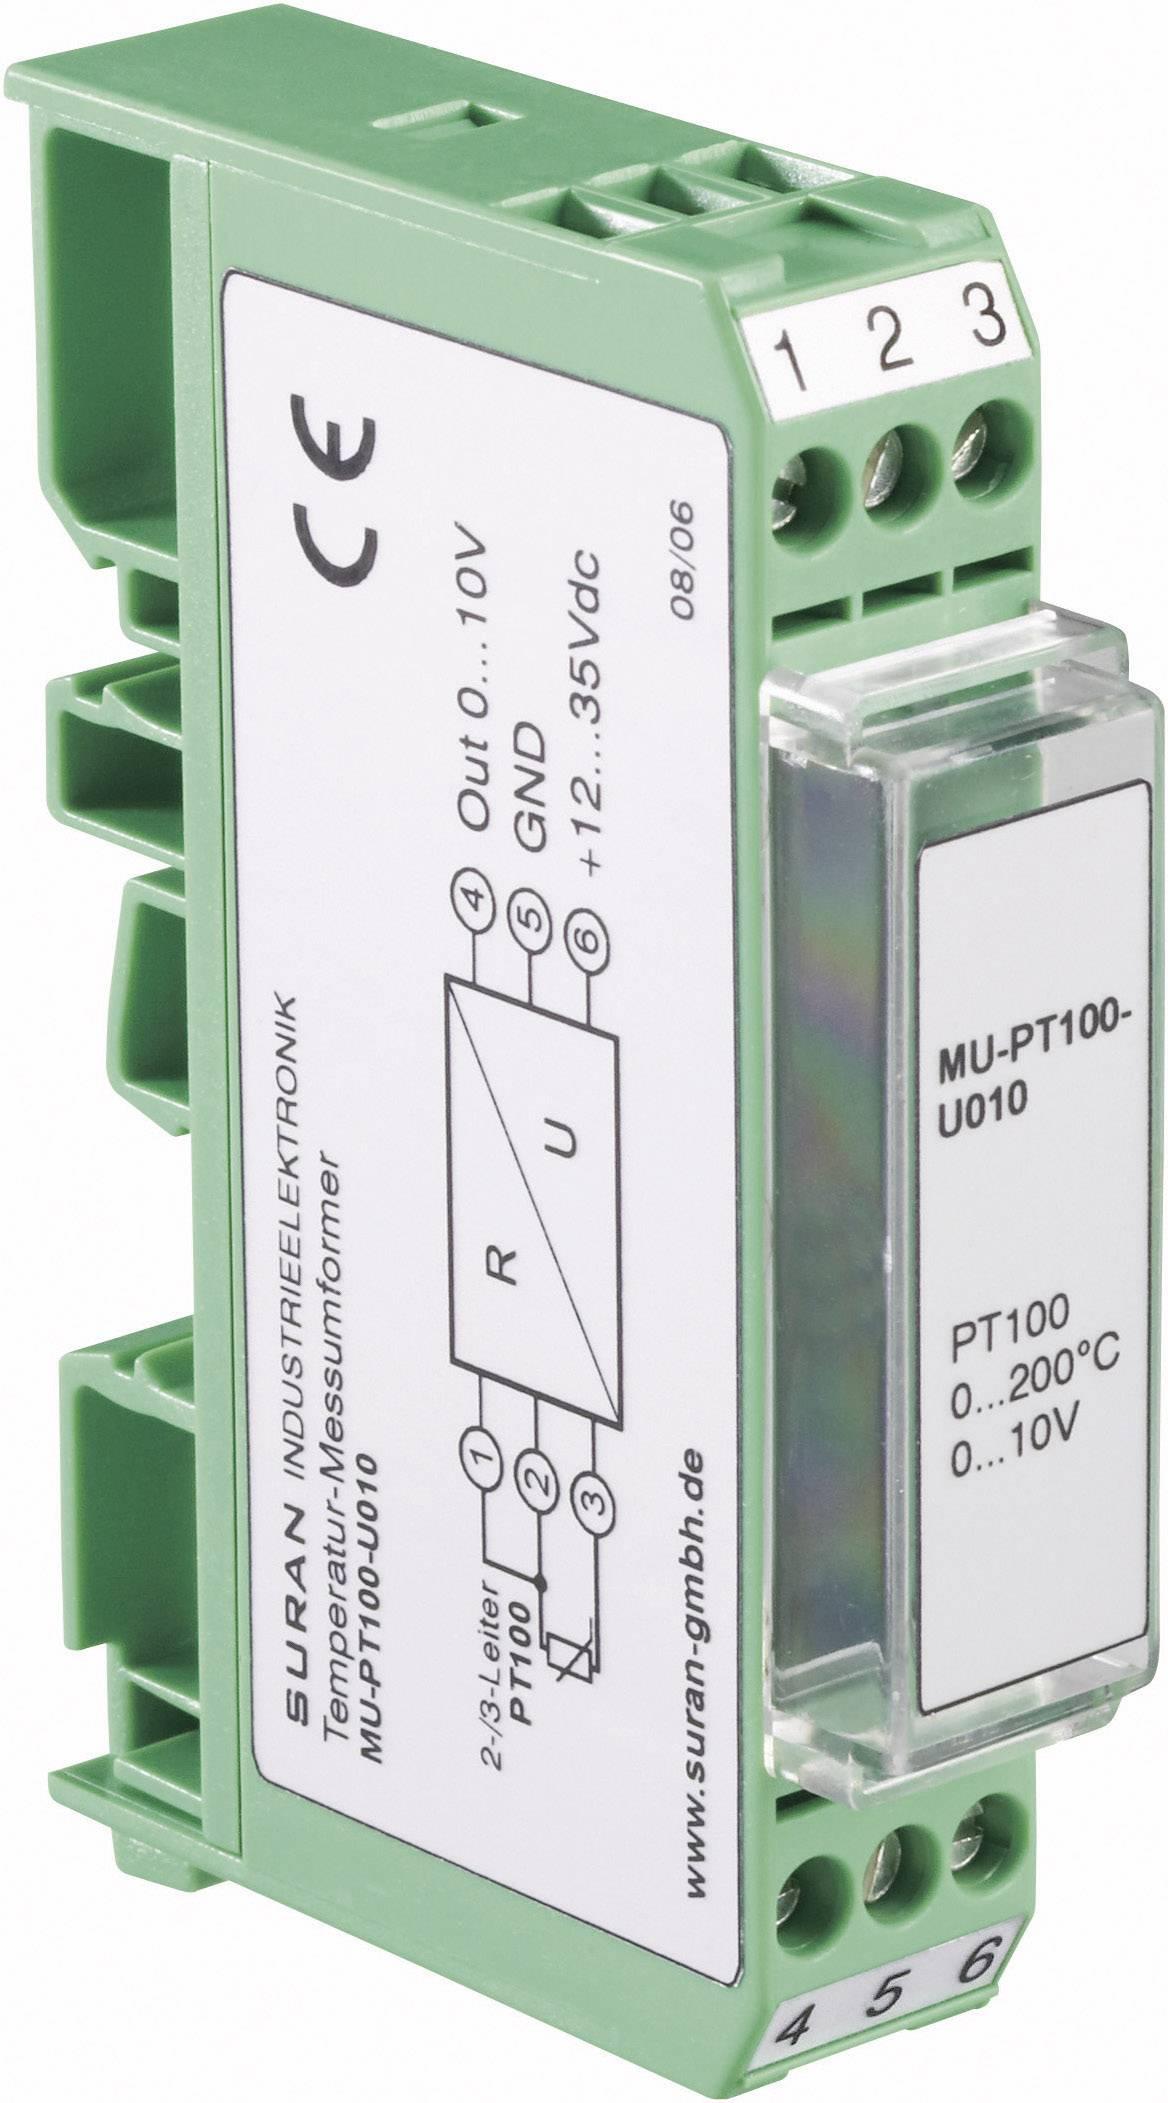 Měřicí převodník Enda MU-Pt 100-U010, 0 až +200 °C